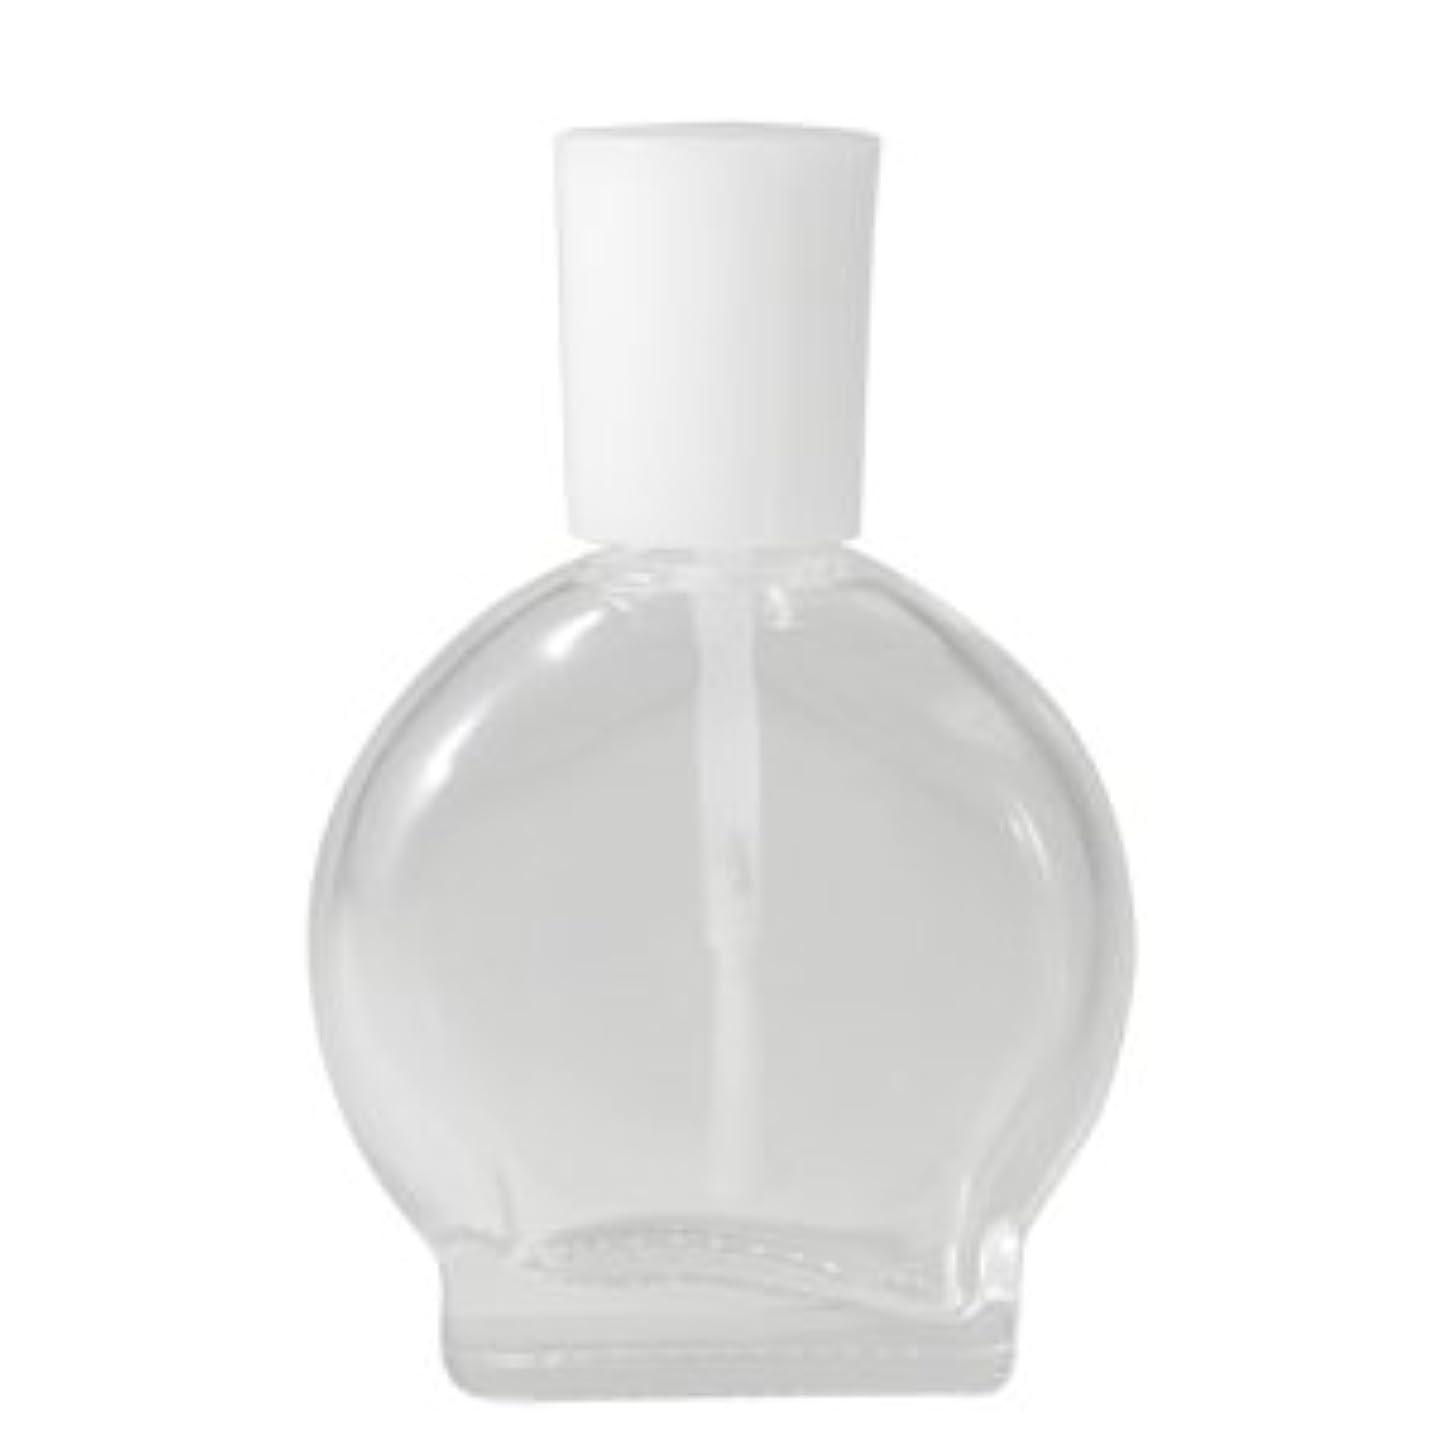 記念学生すごいエナメルボトル マニキュア瓶 16ml 化粧品容器